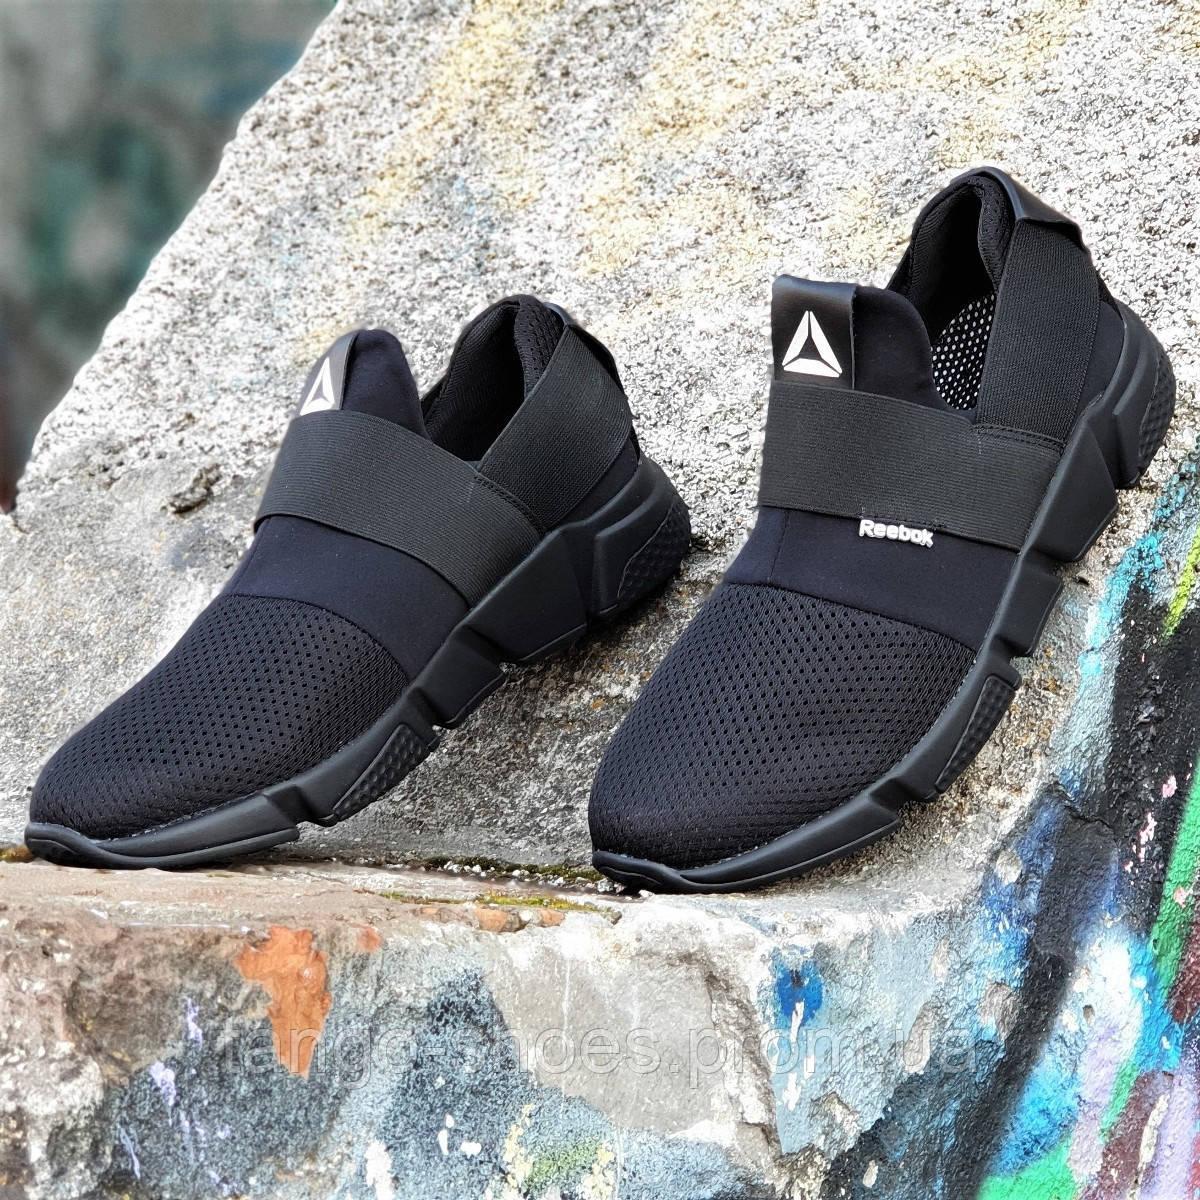 64269c44 Стильные мужские кроссовки сетка черные, прочные и удобные, на весну лето,  резинки для